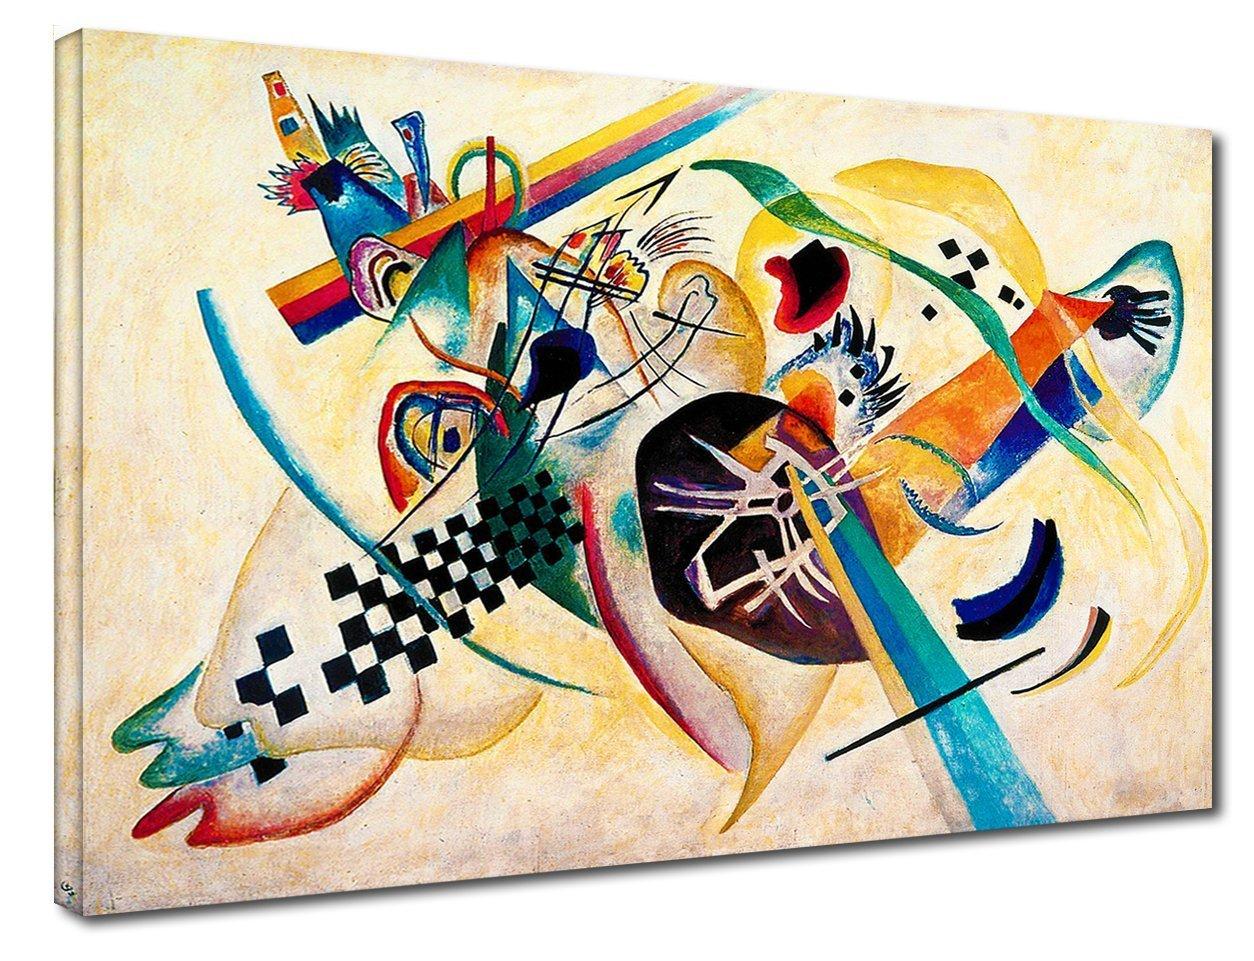 White composition Quadro Kandinsky Composizione su Bianco stampa su tela canvas con o senza telaio CM 130X90, QUADRO CON TELAIO IN LEGNO